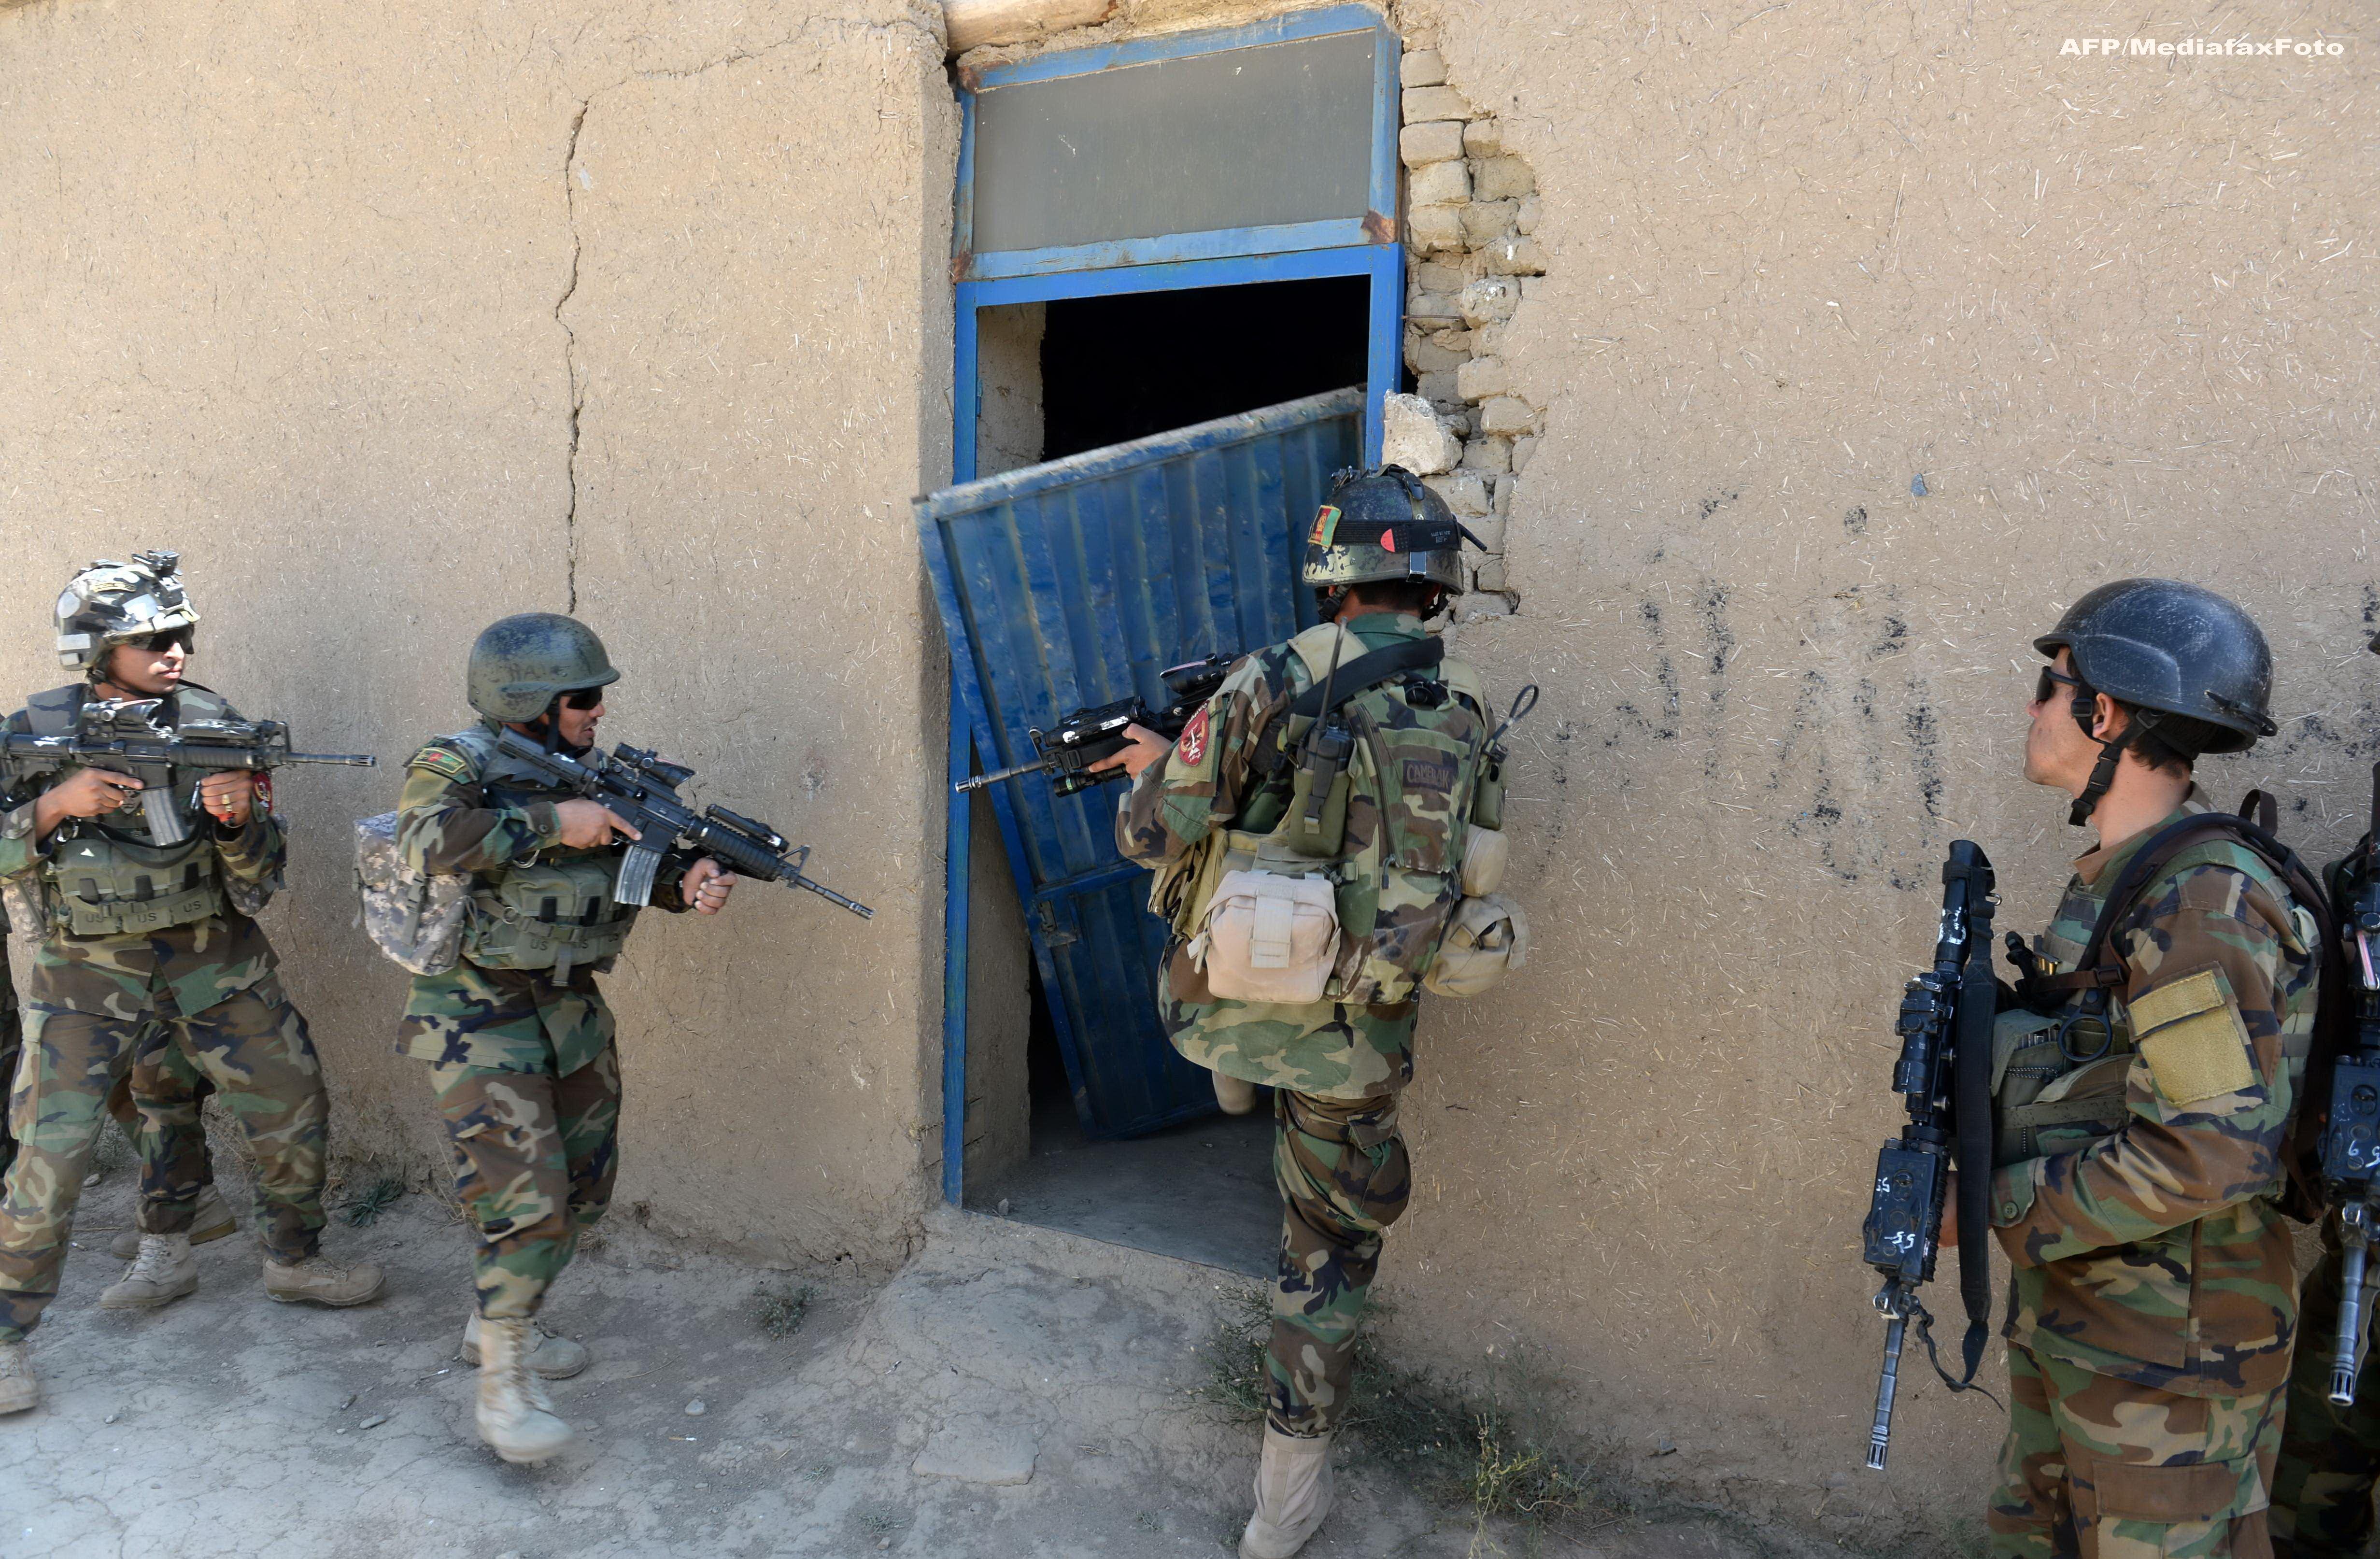 Trupele speciale Delta Force au avut misiune speciala de salvare a jurnalistului James Foley, chiar de 4 iulie, dar au esuat